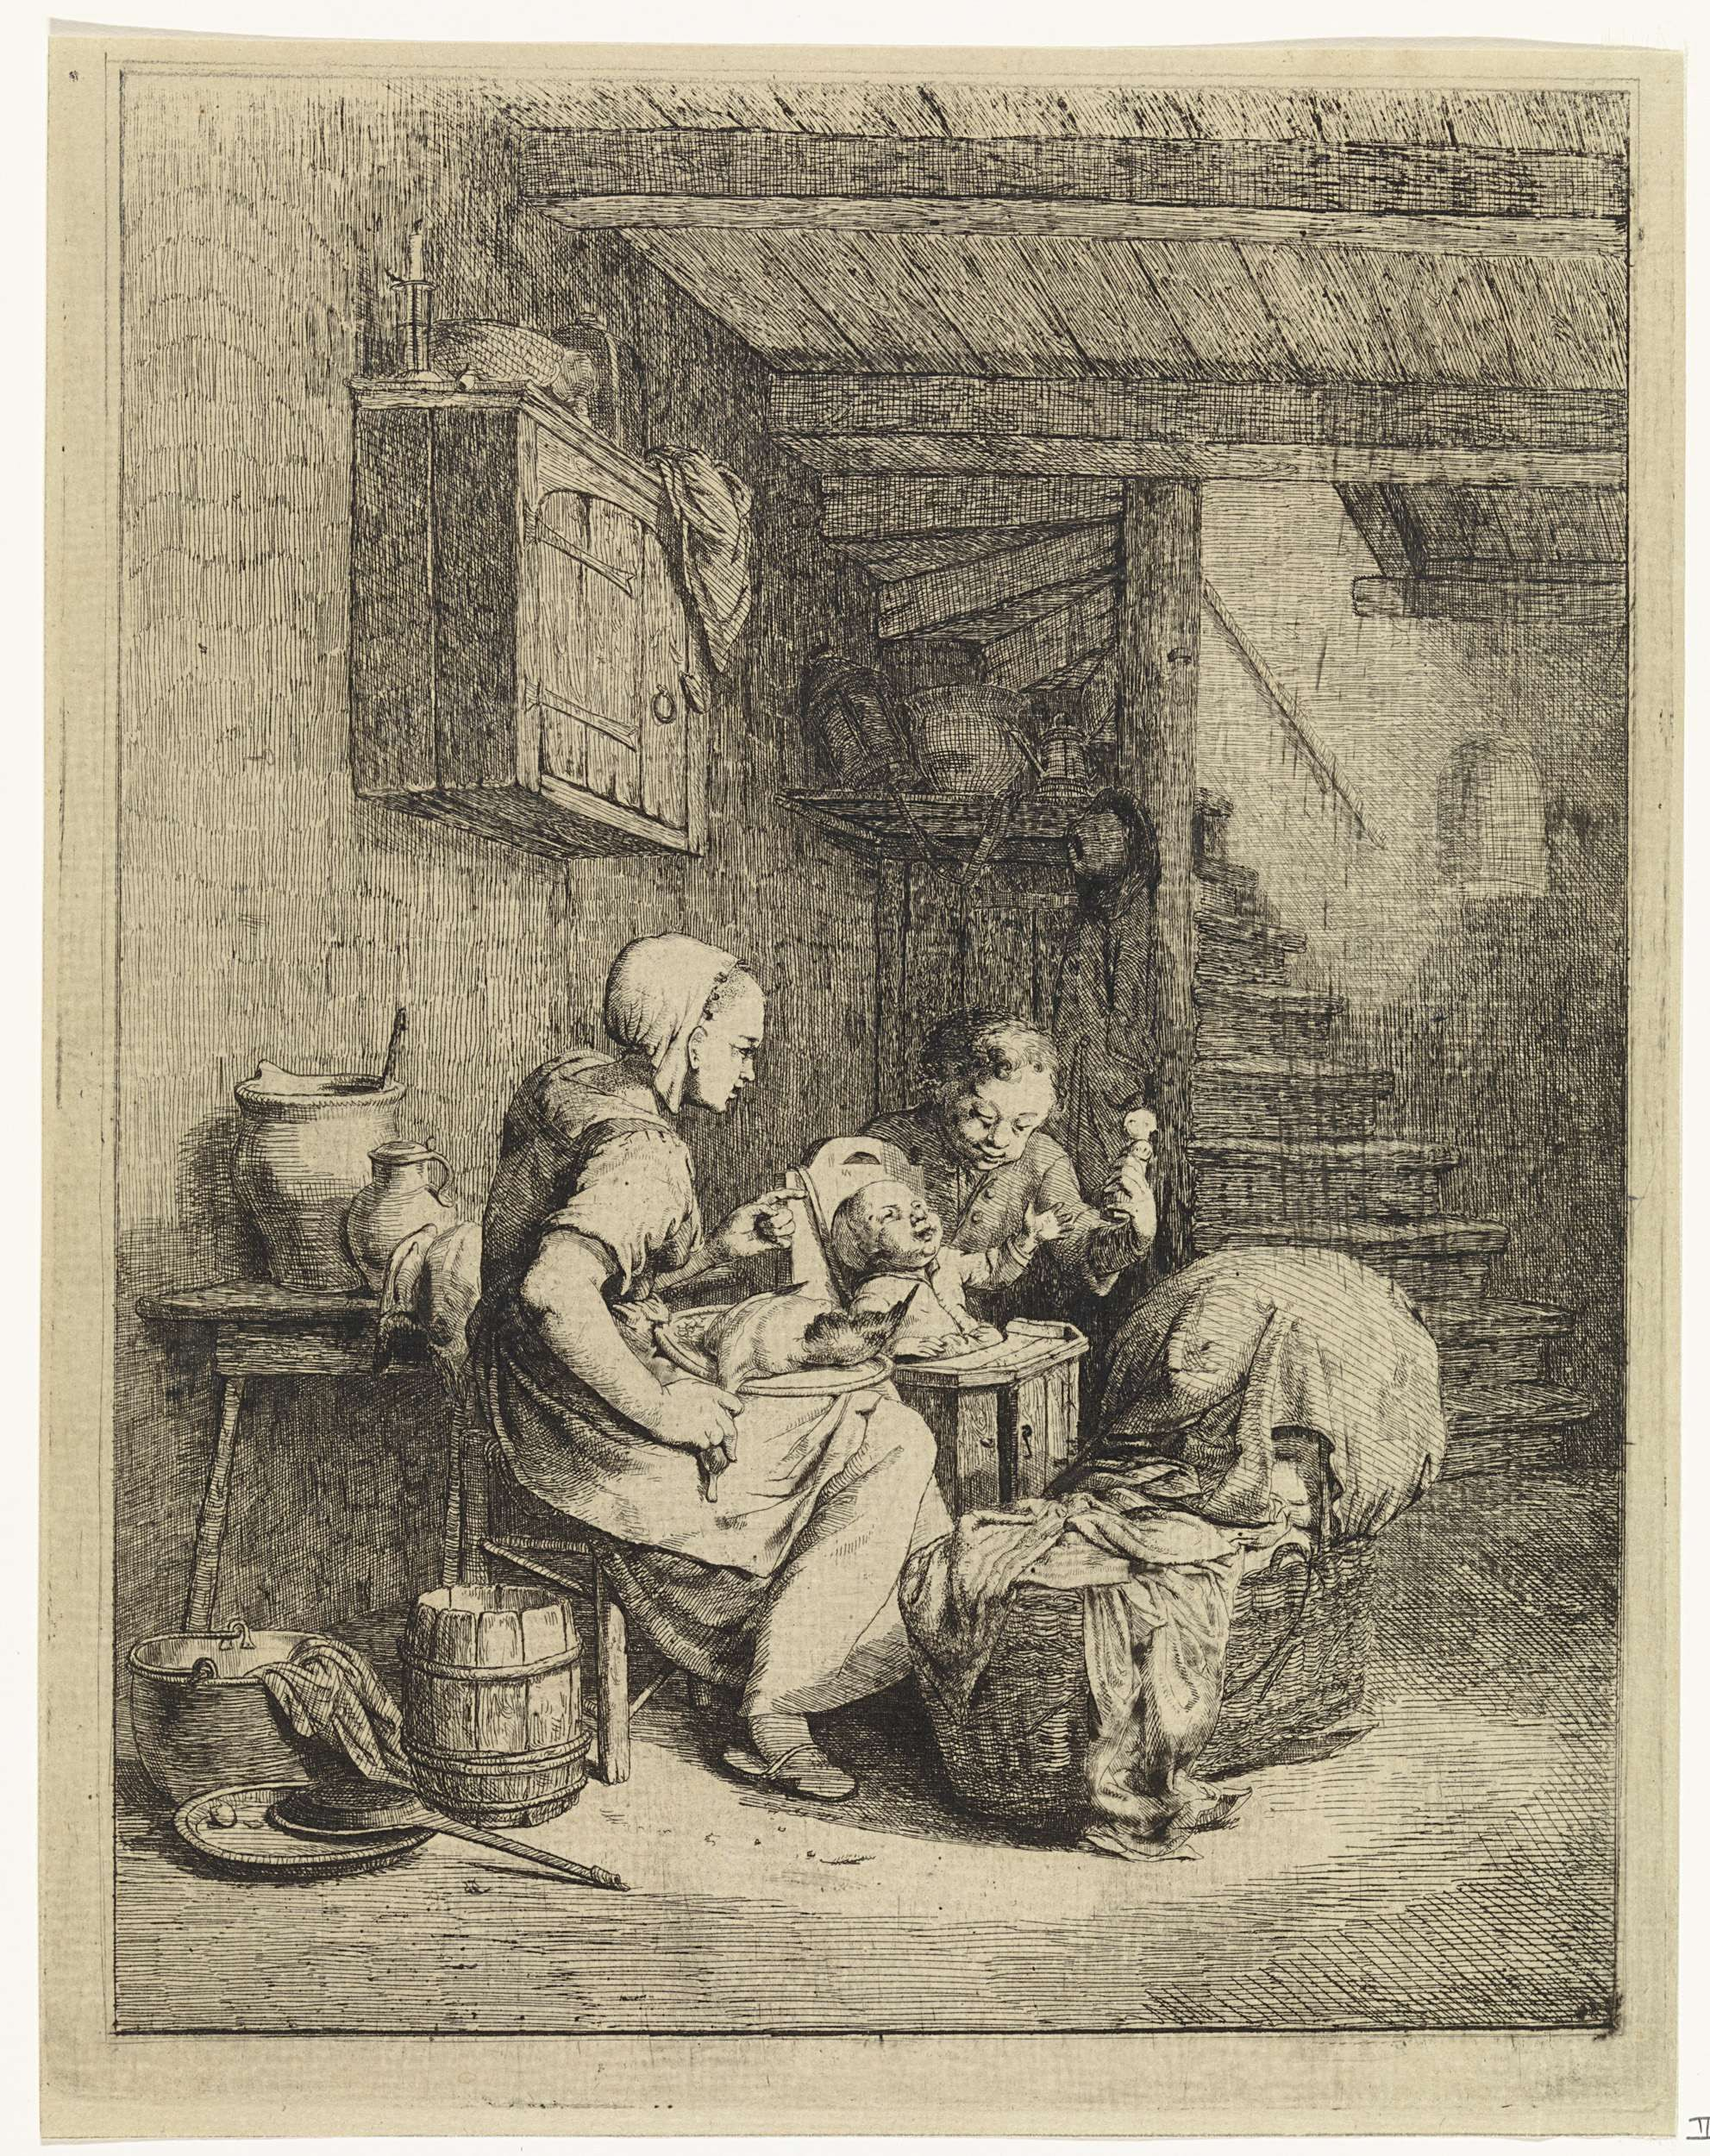 Johannes Huibert Prins | Vrouw en twee kinderen in interieur, Johannes Huibert Prins, 1767 - 1806 | In een sober interieur heft een vrouw met een te plukken eend op haar schoot haar vinger vermanend naar twee kinderen. Het jongste kind zit in een kinderstoel en reikt naar een rammelaar die het oudste kind vasthoudt. Voor hen staat een wieg op de grond. Achterin de kamer een houten trap, aan de muur een hangende kast.